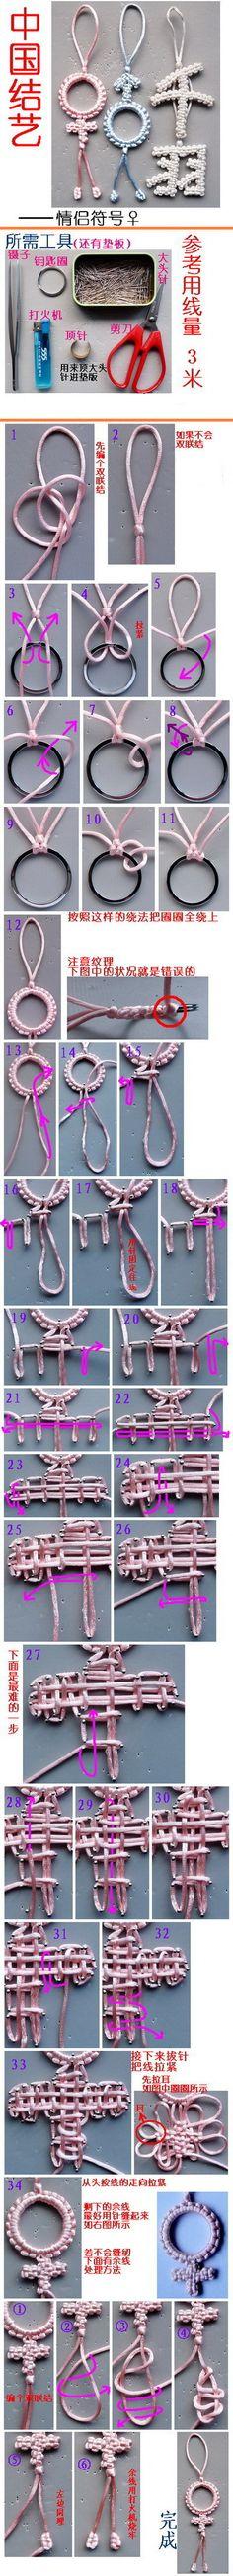 Chinese knot art